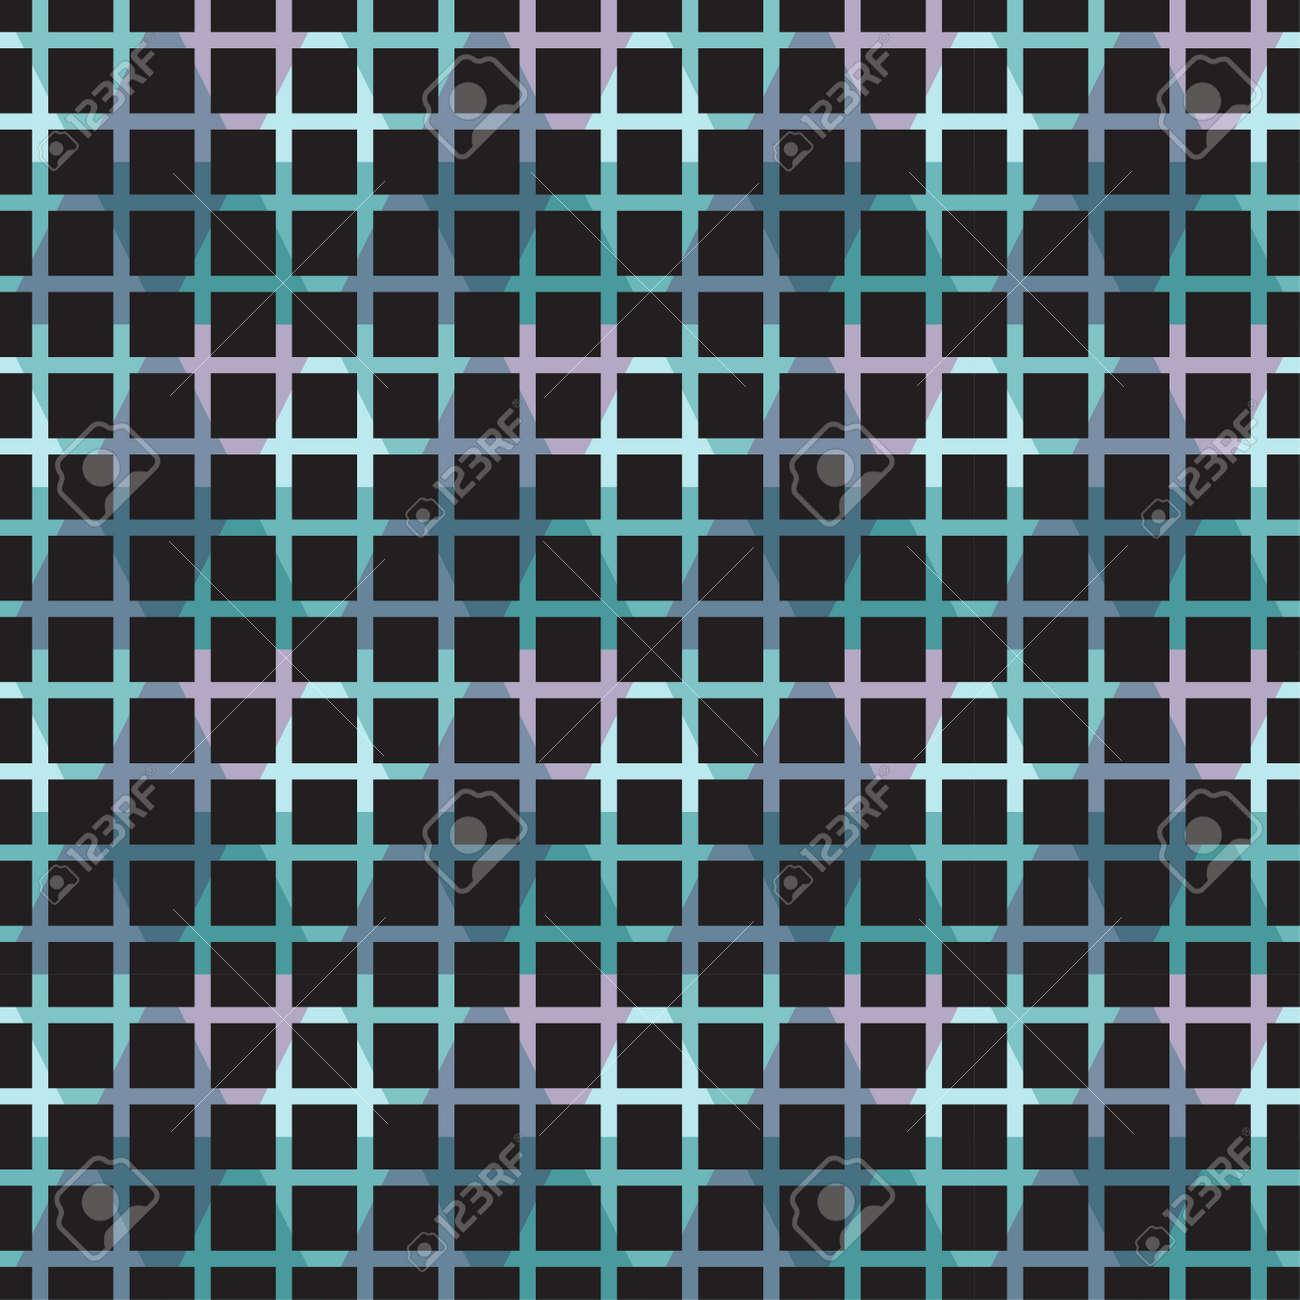 Fond De Carreaux Mosaïque Pixel Abstrait Géométrique Sans Soudure